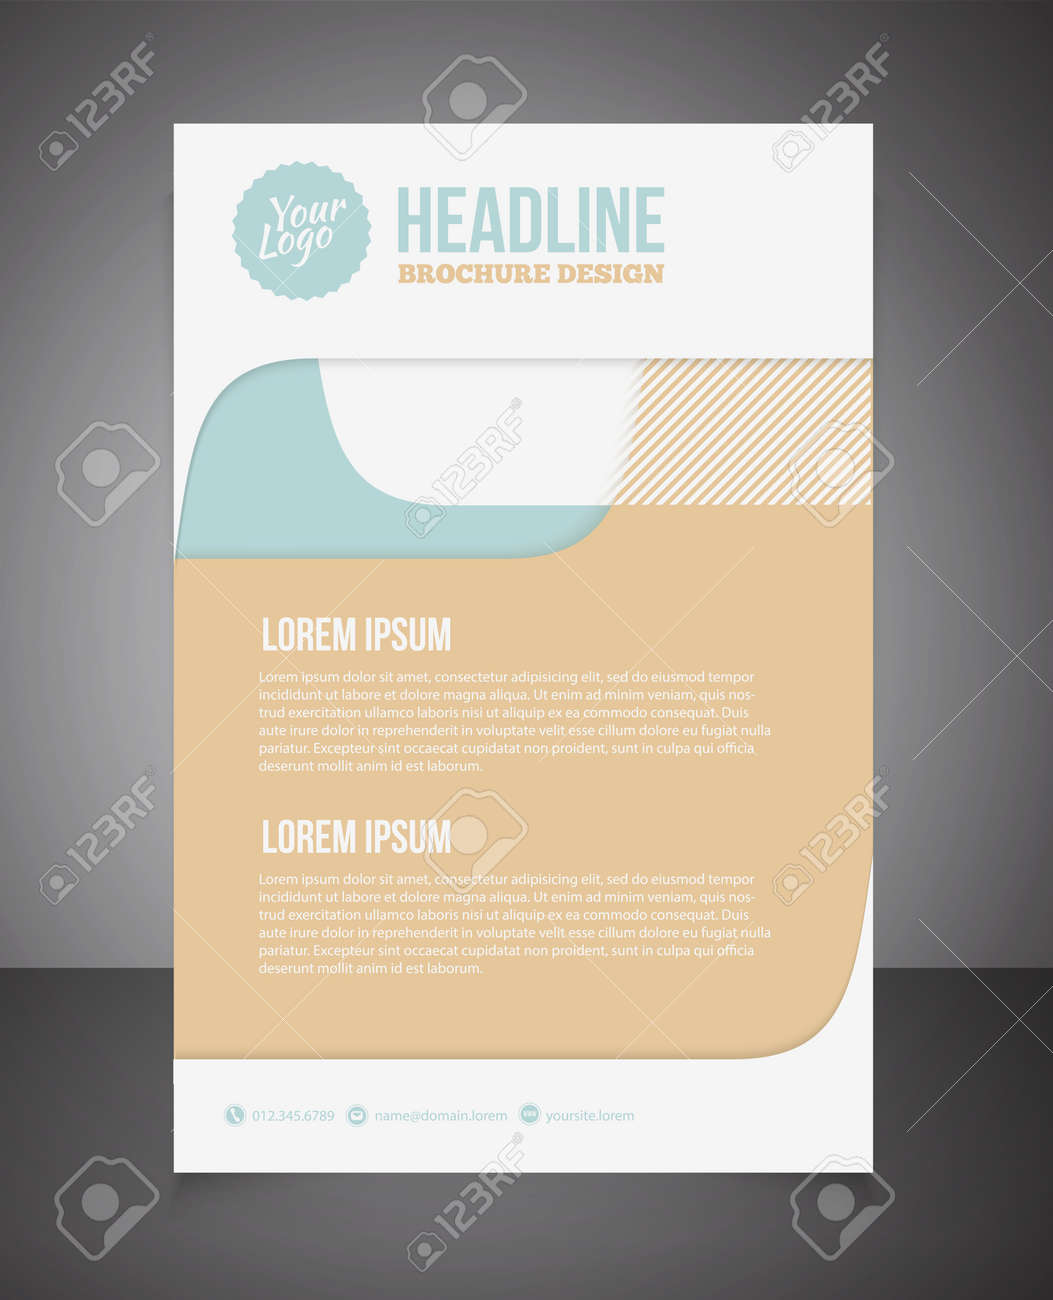 Business Broschüre Oder Angebot Flyer Design Vorlage Broschüre